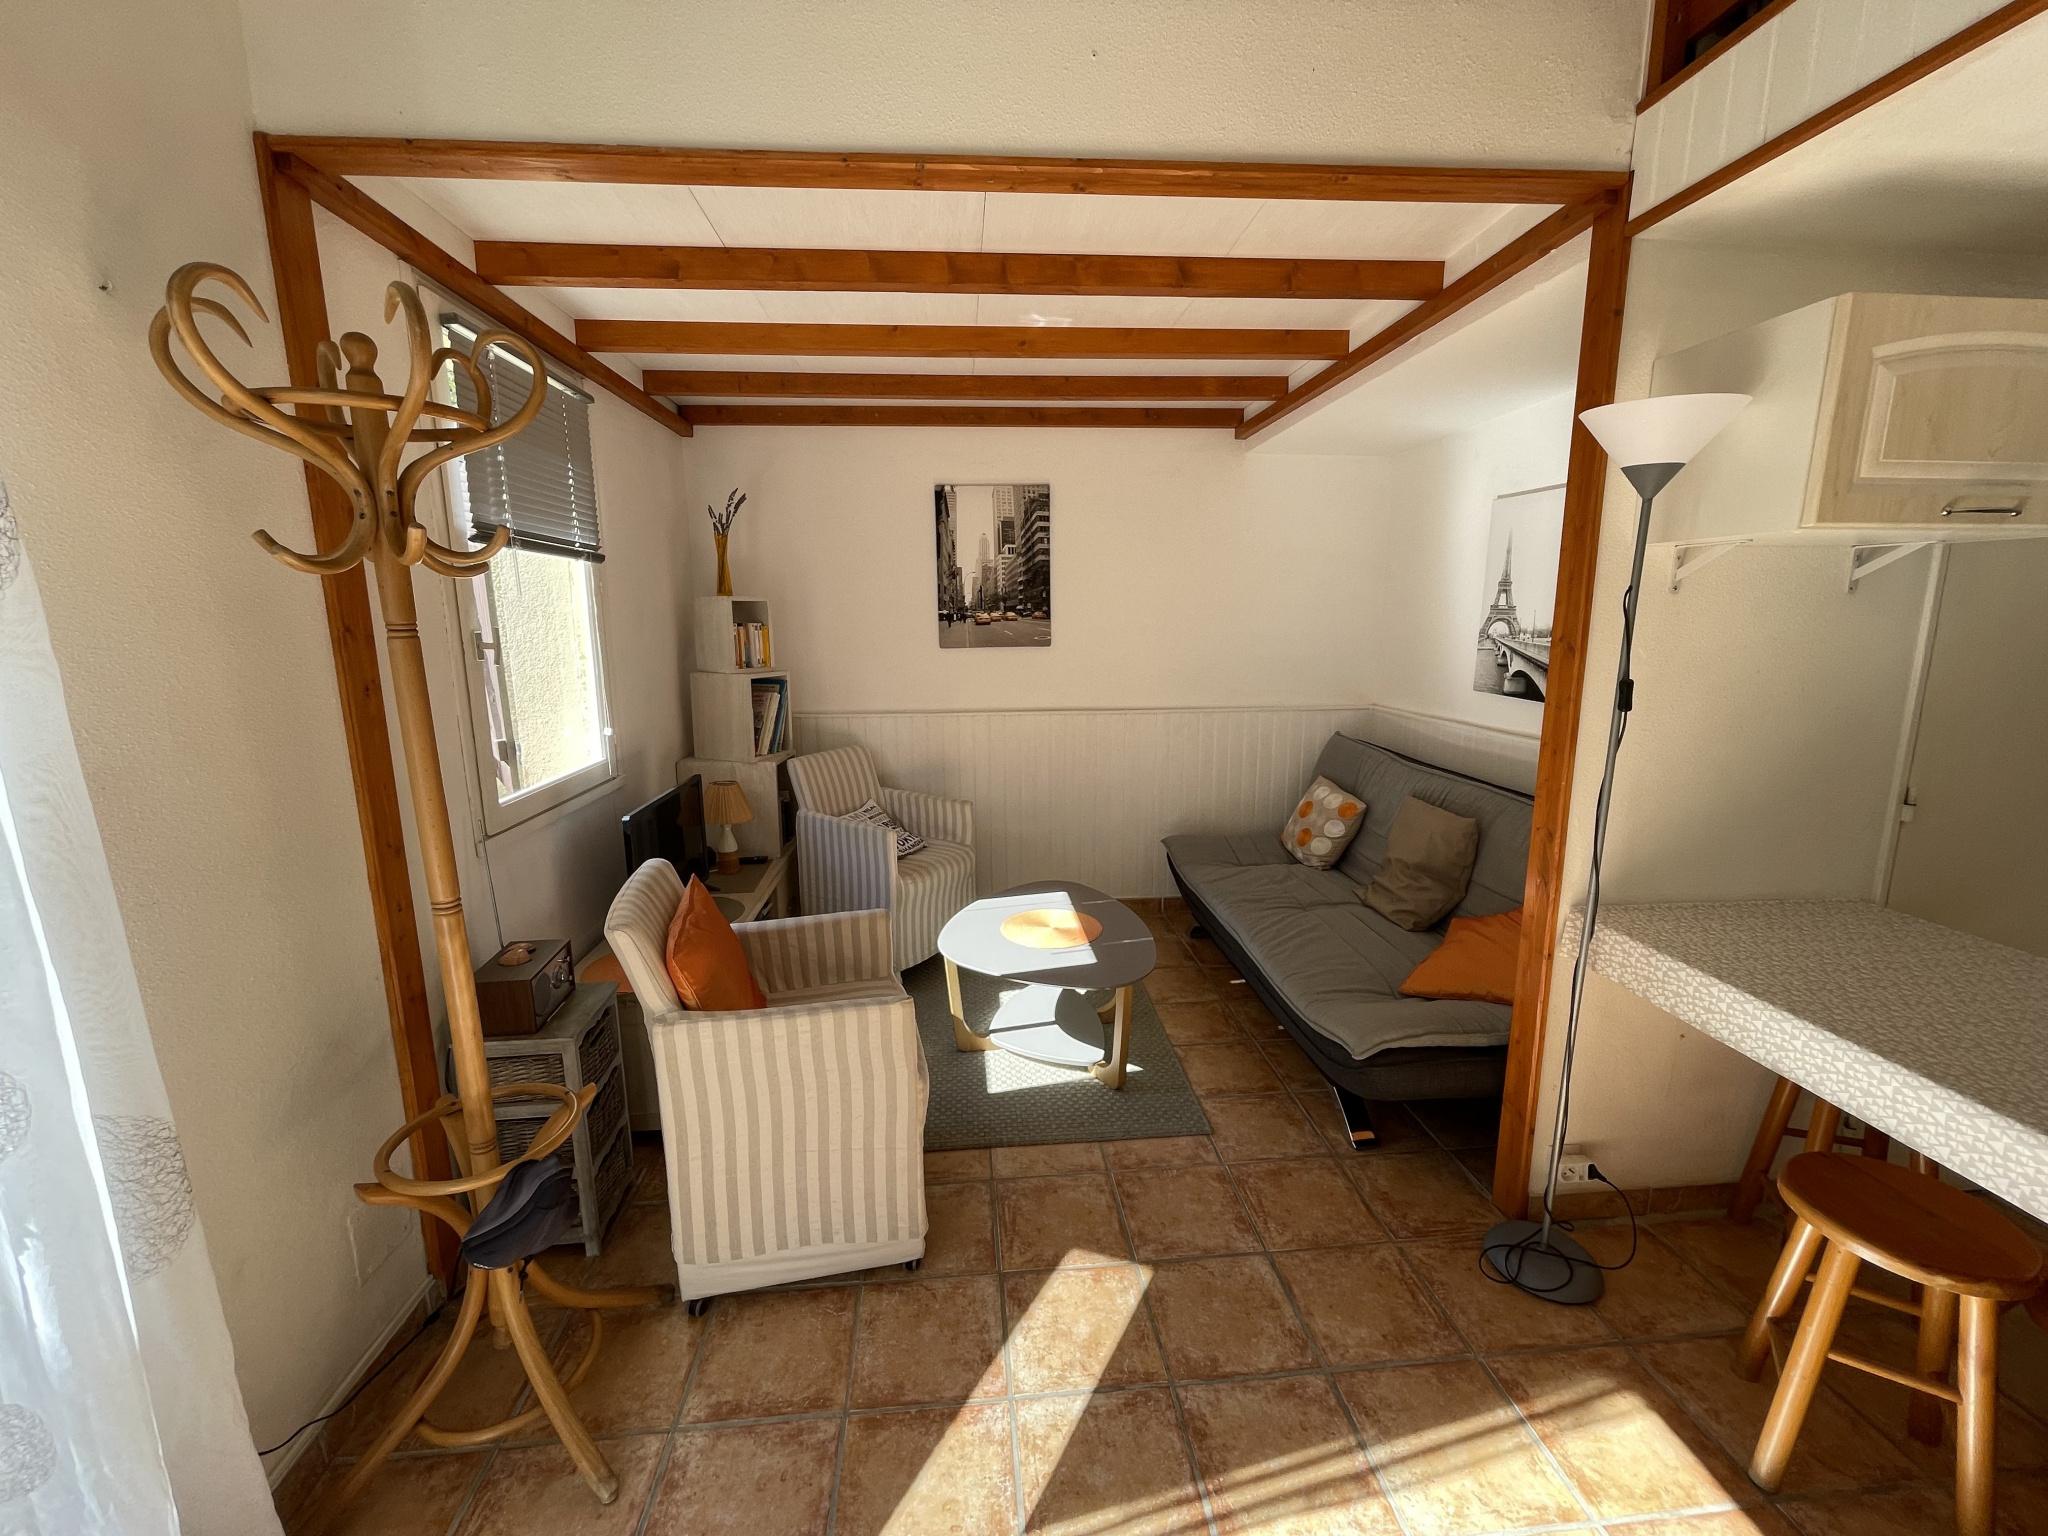 À vendre maison/villa de 44m2 à argeles plage (66700) - Photo 6'